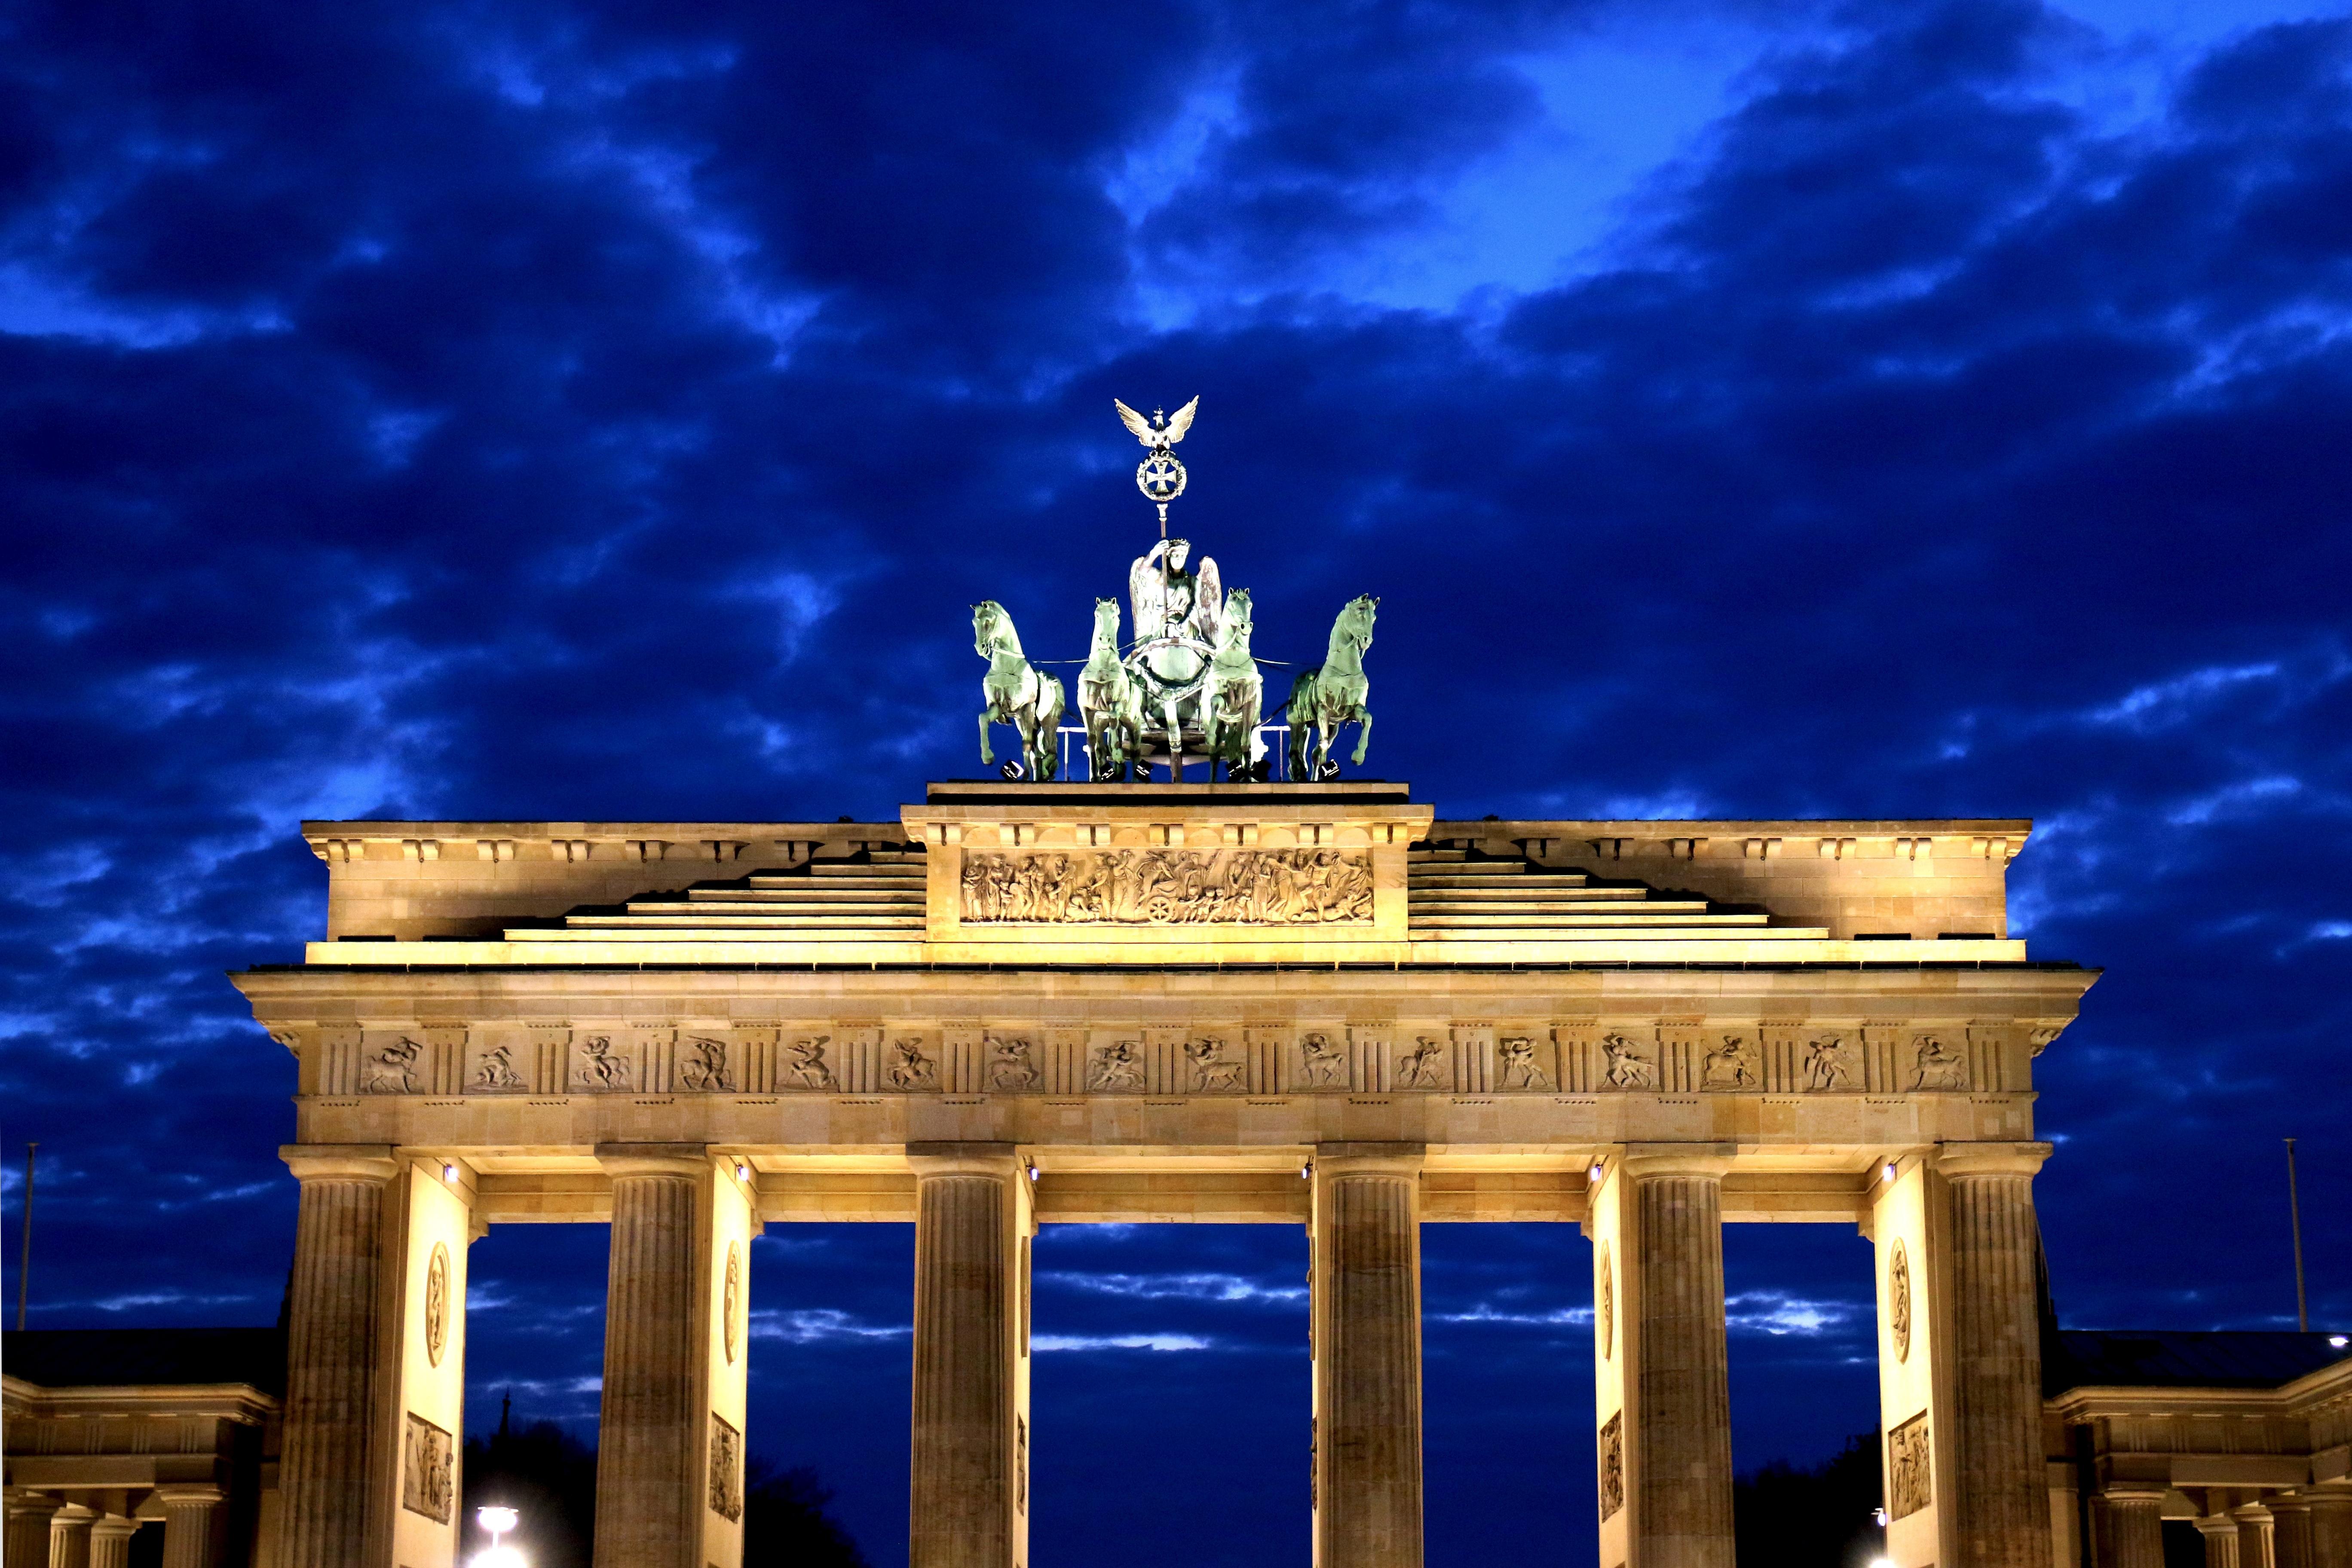 Tips Berlijn Brandenburger Tor